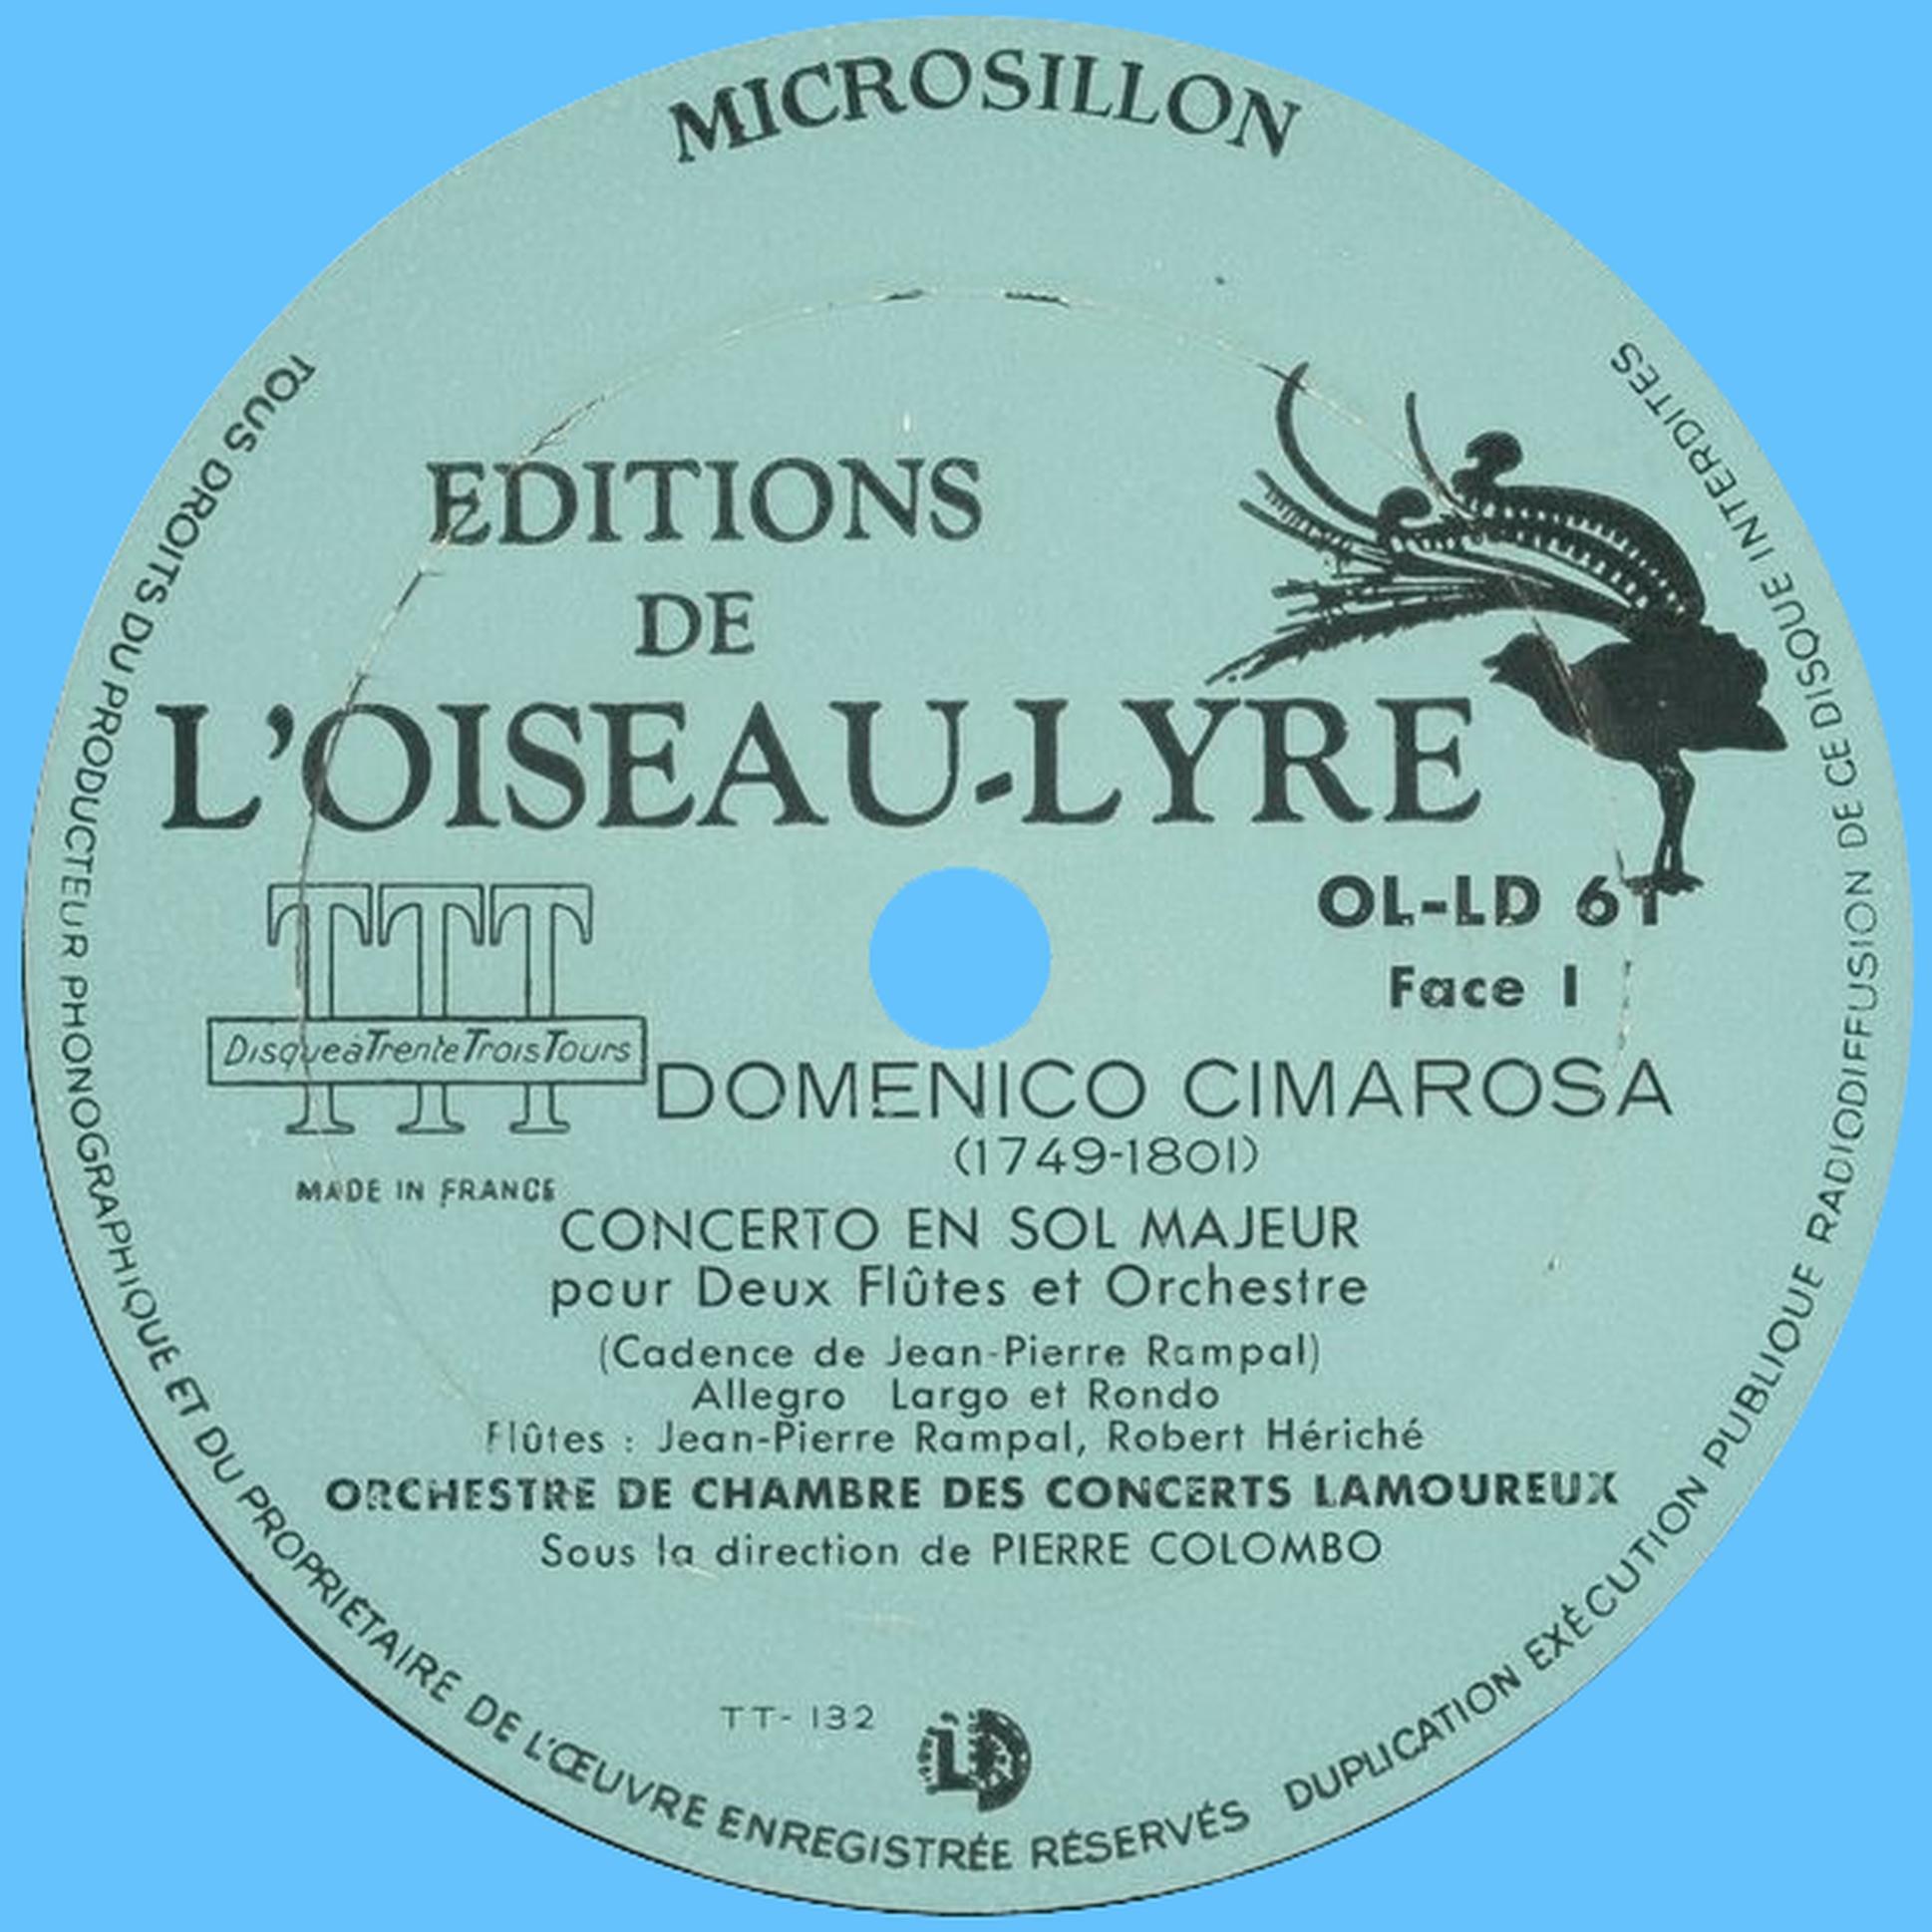 Étiquette recto du disque Oiseau-Lyre OL-LD-61